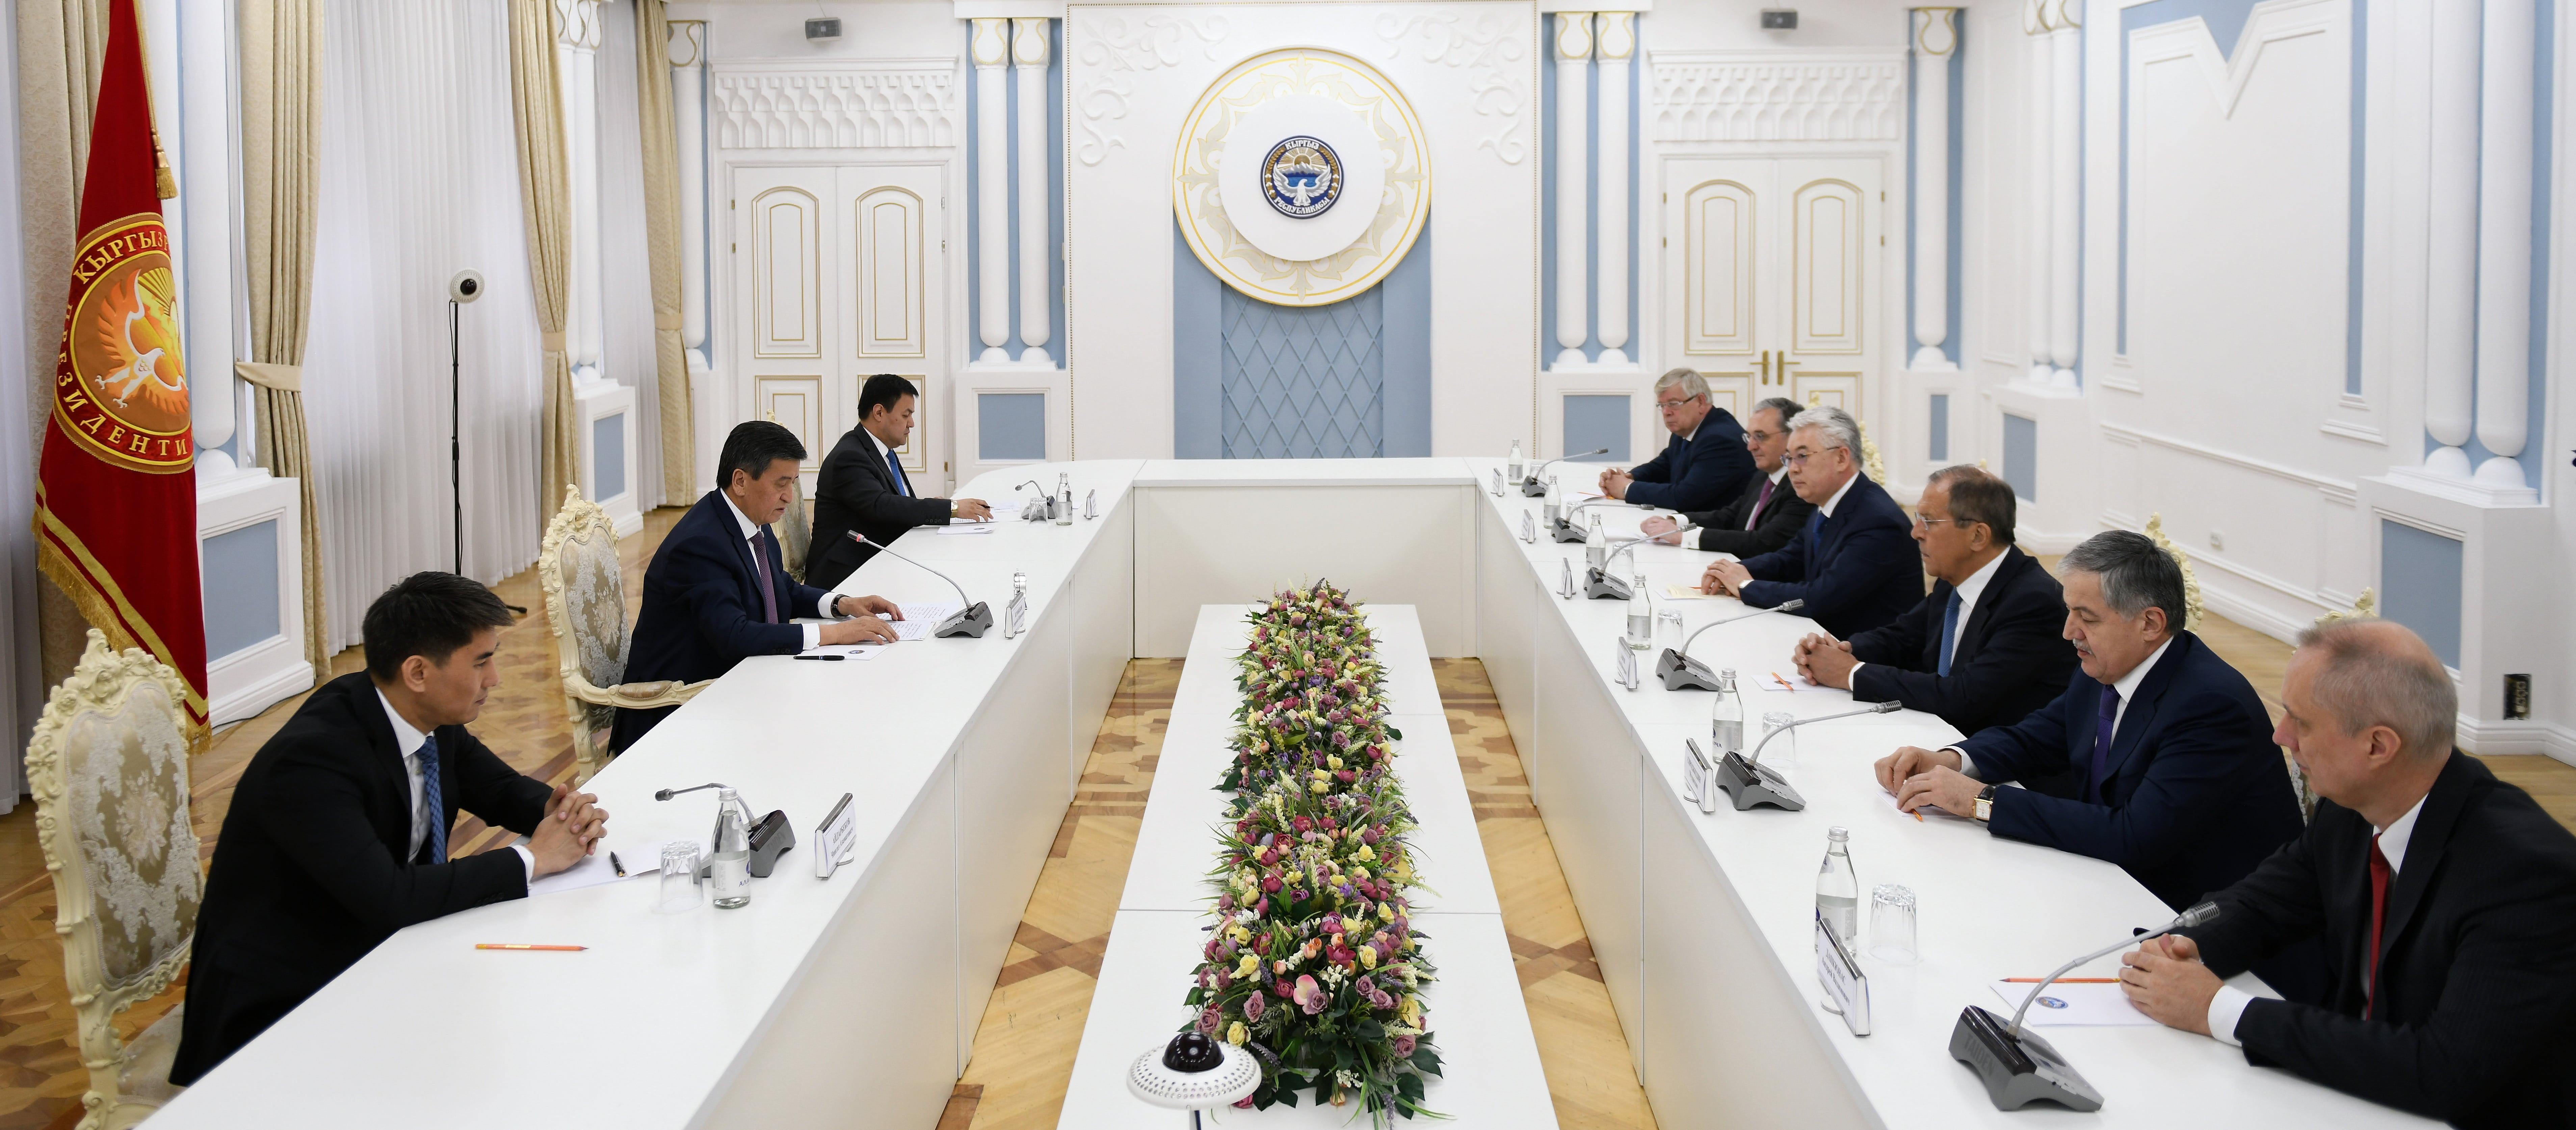 Меры по снижению напряженности на таджикско-афганской границе согласовали главы МИД ОДКБ